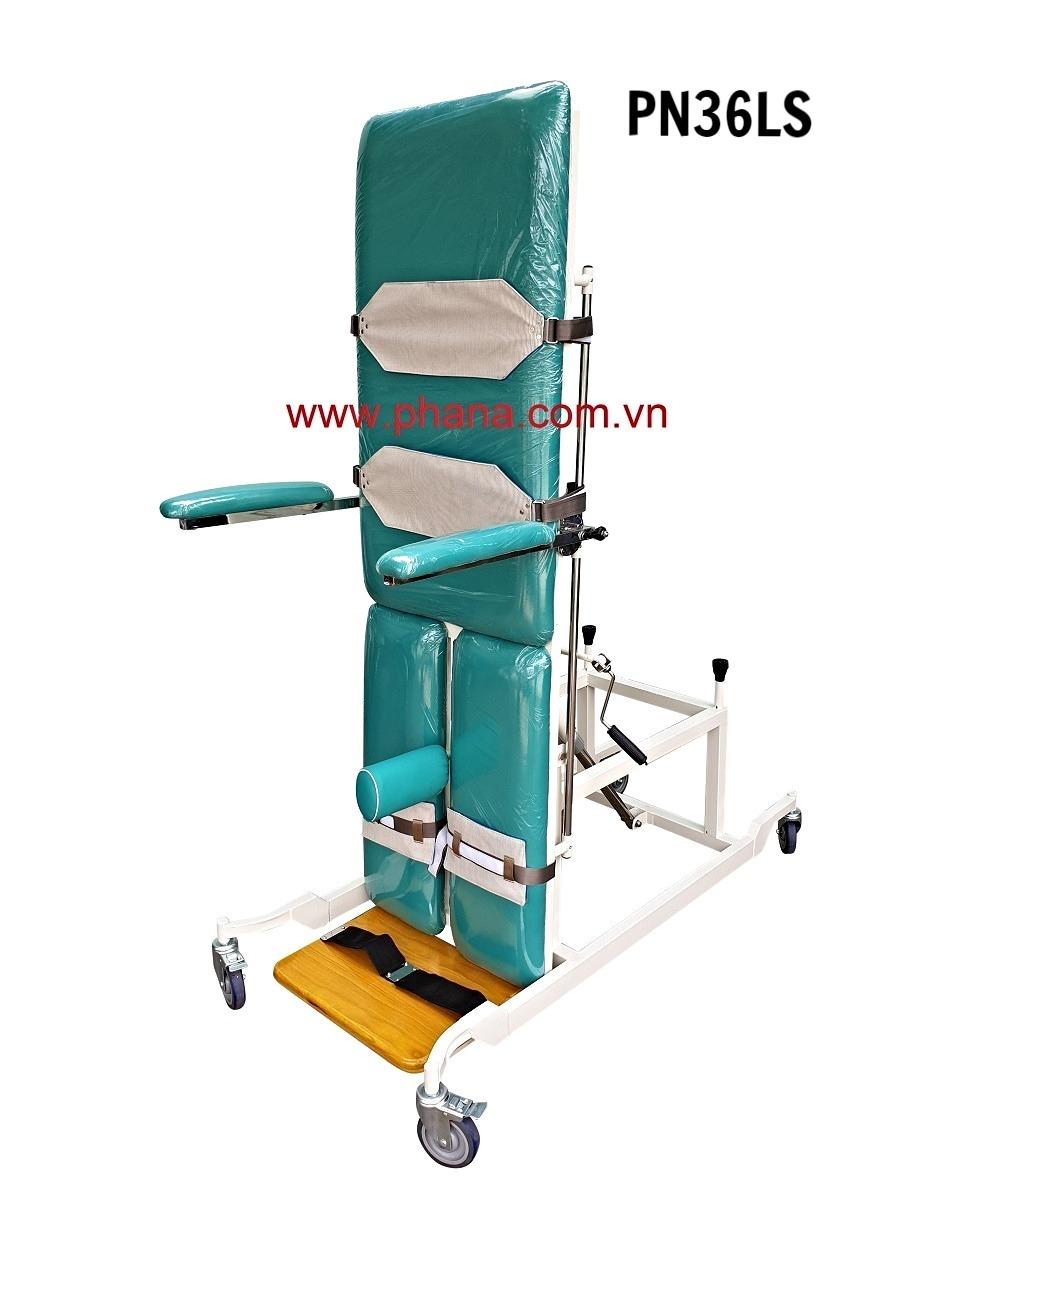 PN36LS - Giường xiên quay tập đứng bệnh nhân lớn